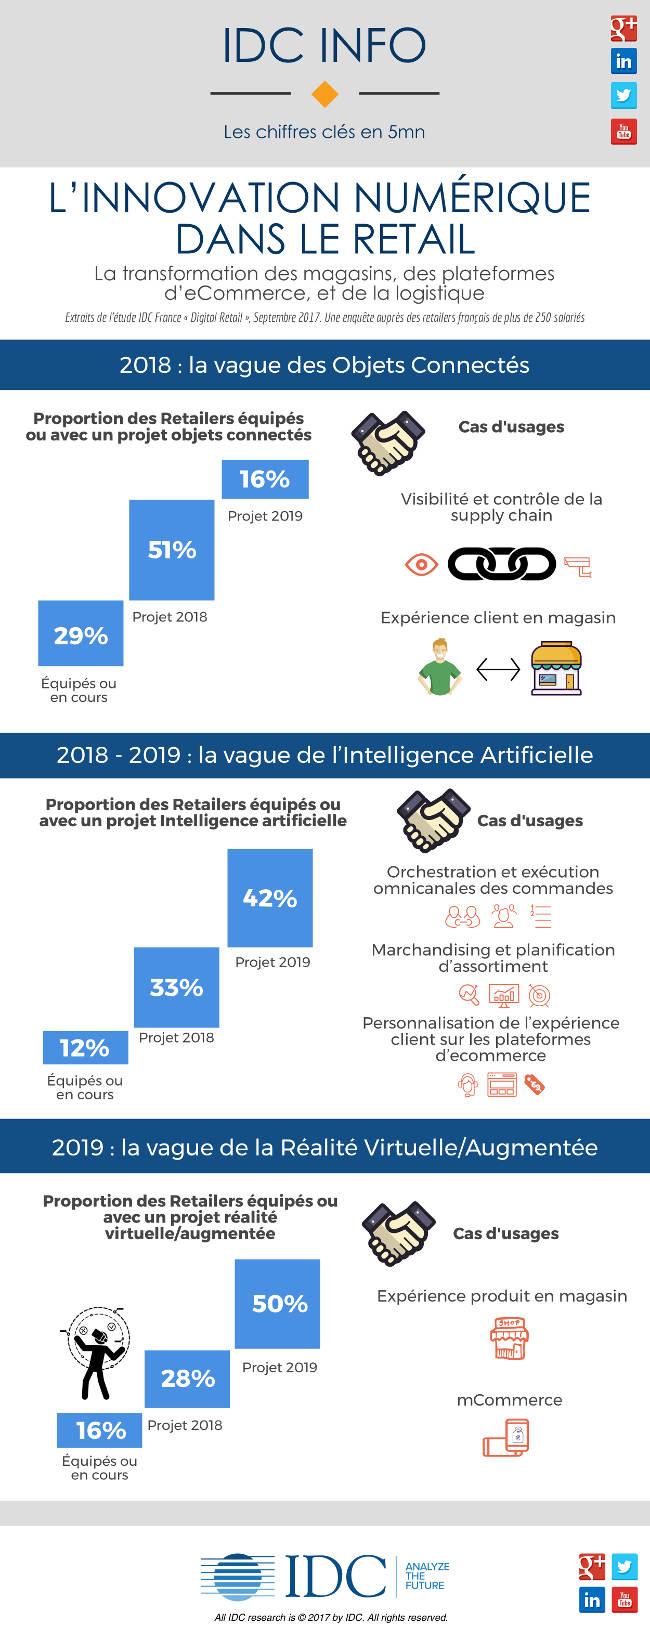 L'innovation numérique dans le Retail